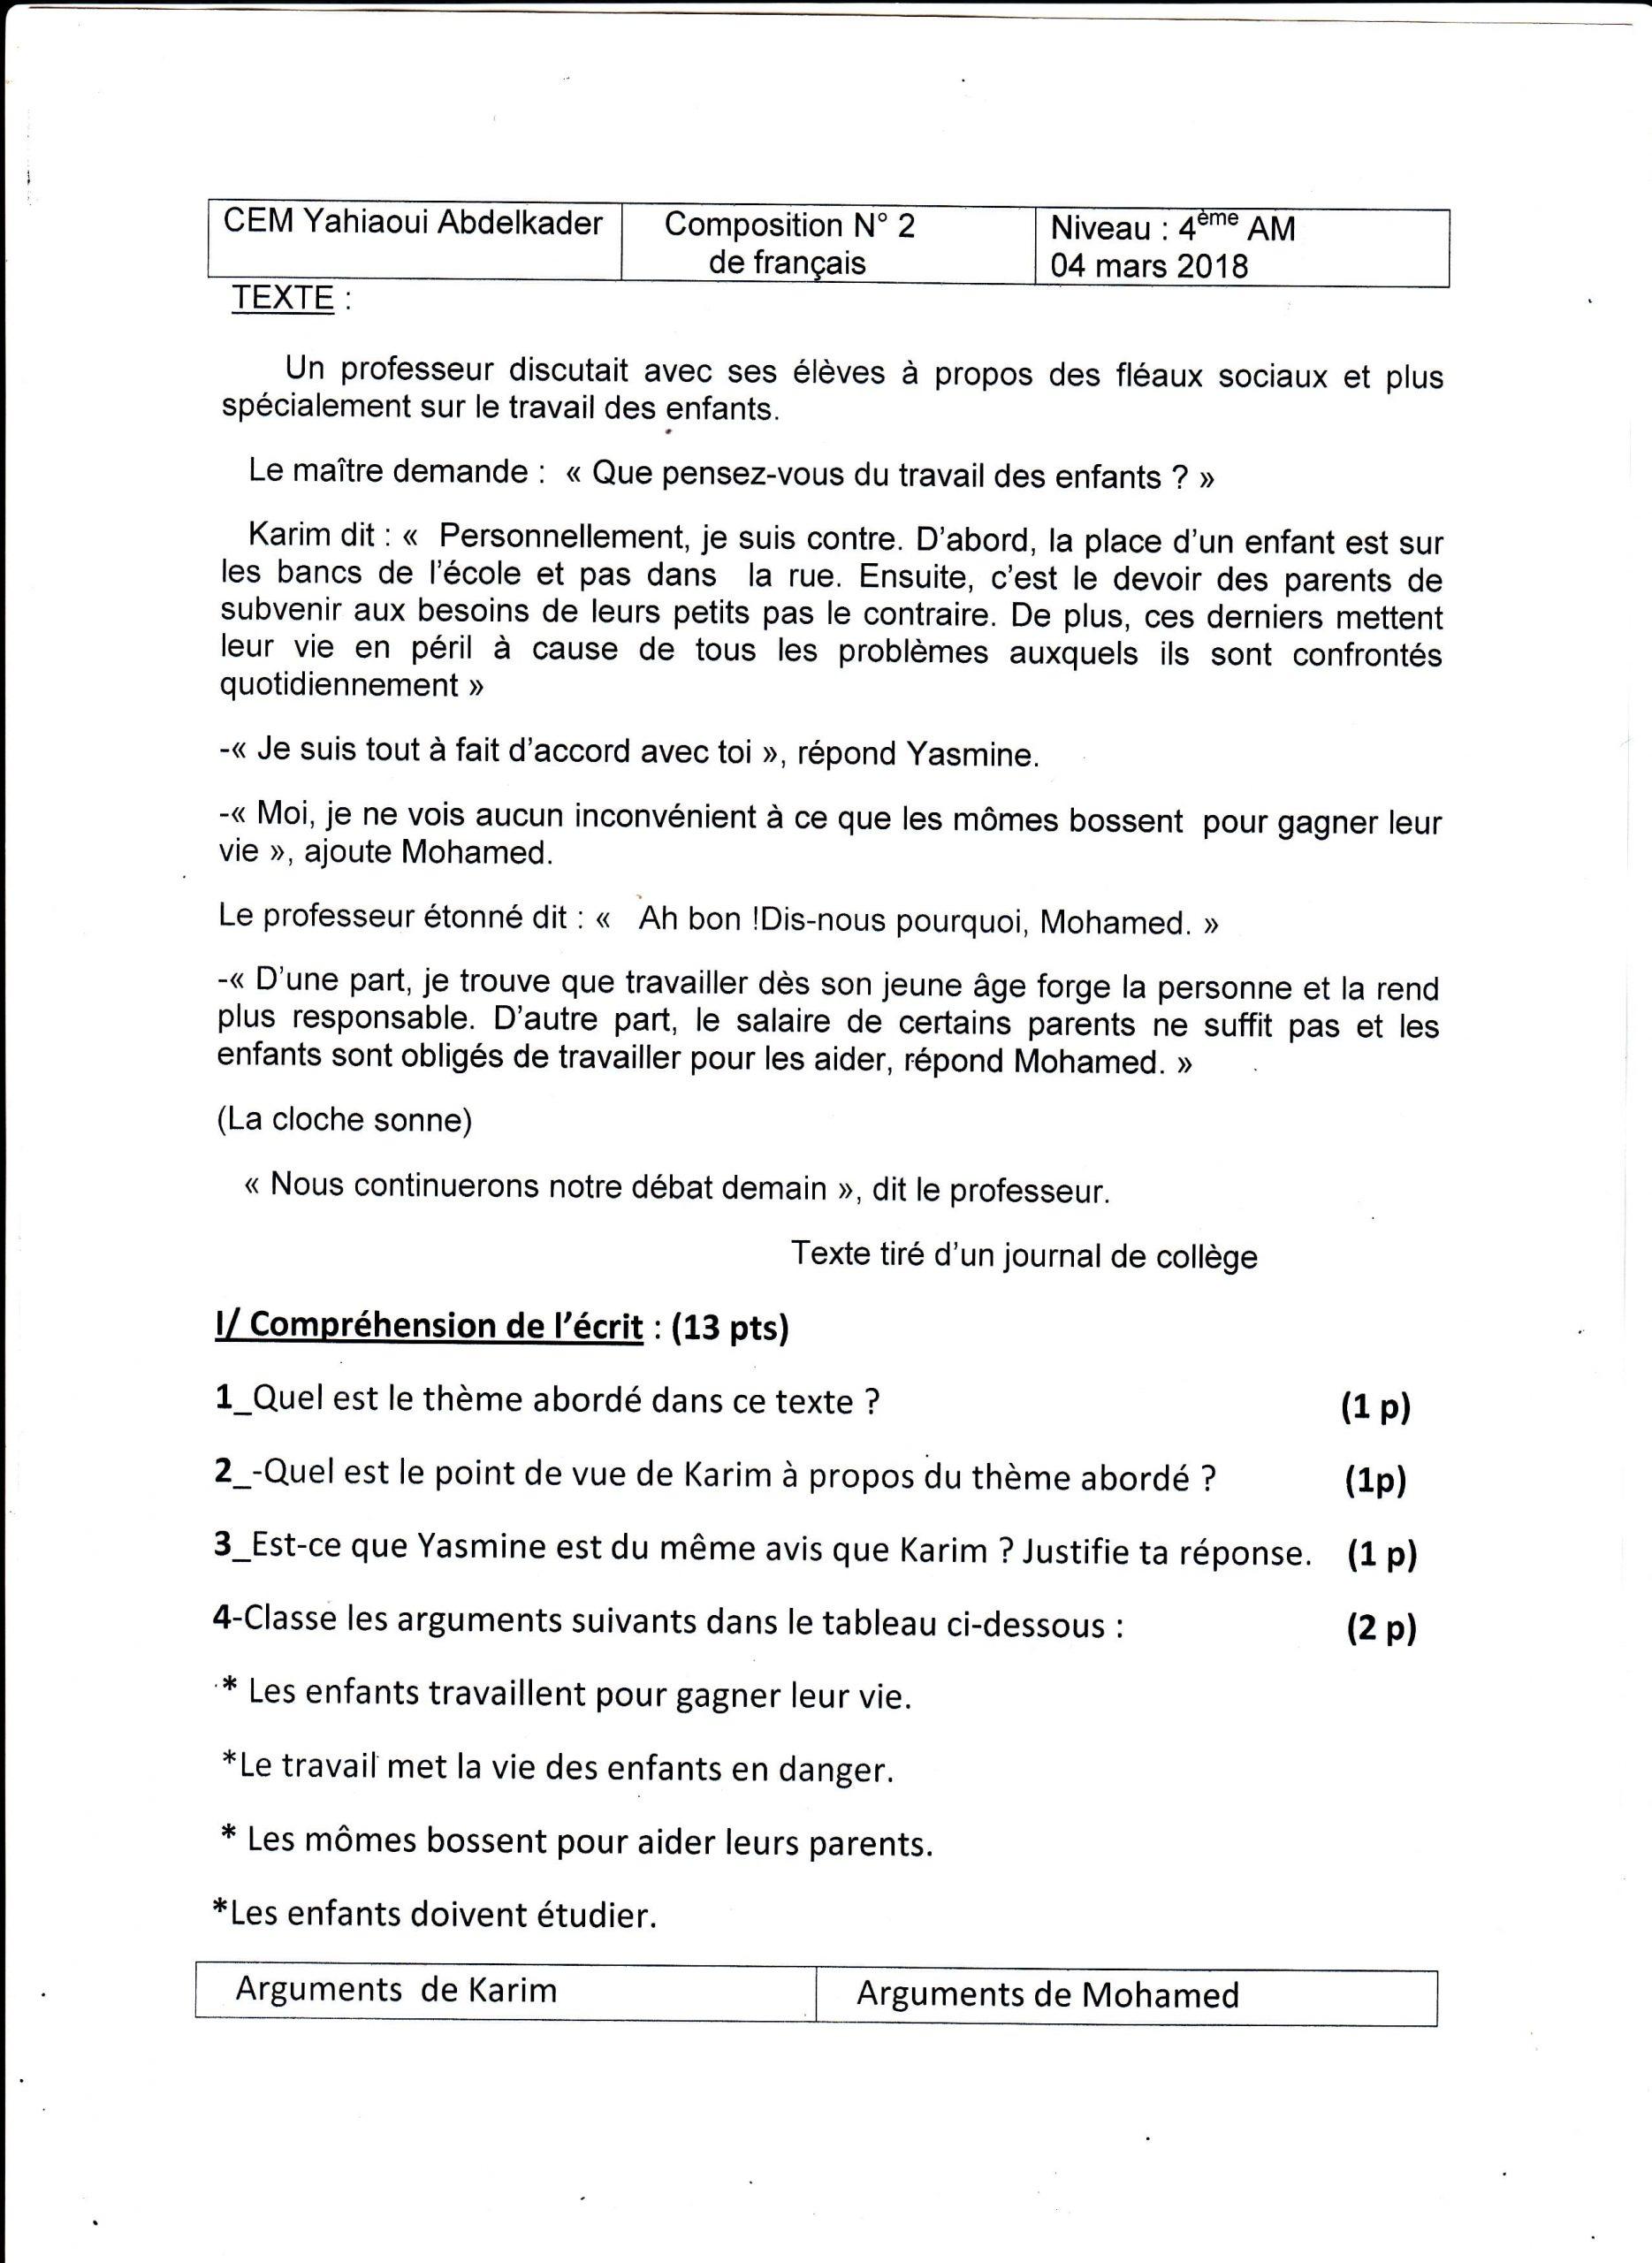 اختبار الفصل الثاني في اللغة الفرنسية السنة الرابعة متوسط | الموضوع 07